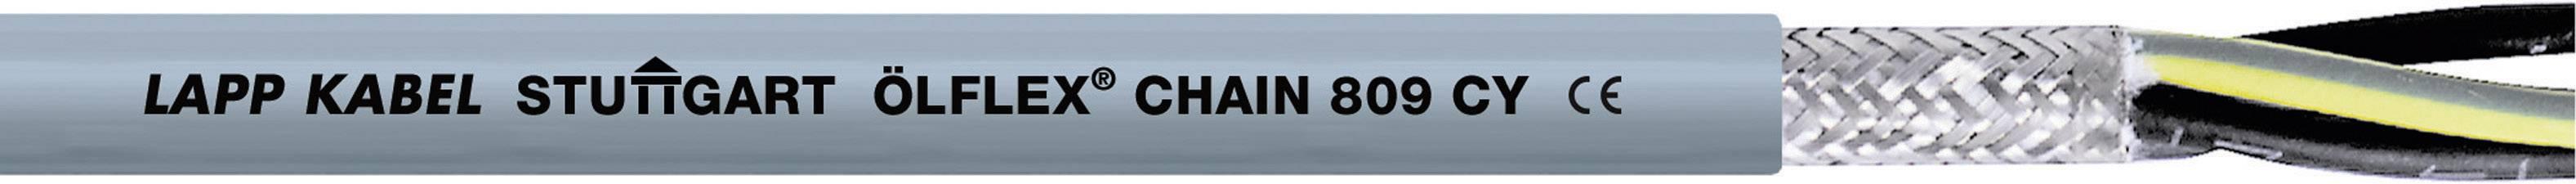 Žíla kabelu LappKabel ÖLFLEX CHAIN 809 CY 7G1,5 (1026779), 7x 1,5 mm², PVC, Ø 10,9 mm, stíněný, 1 m, šedá